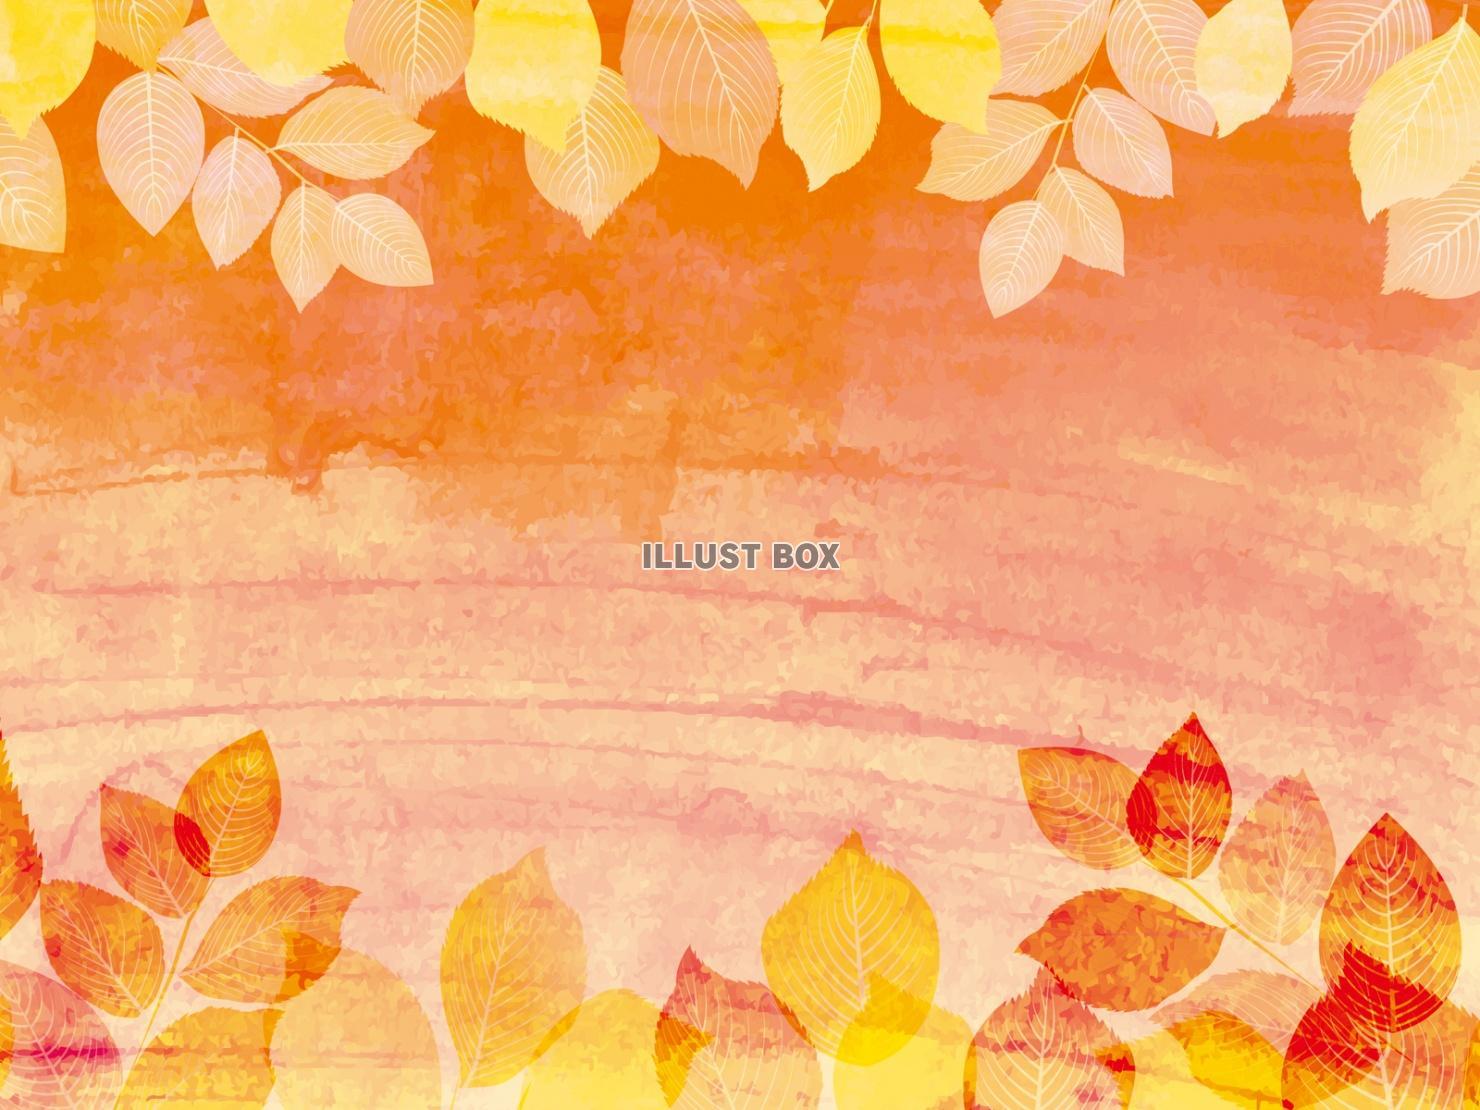 無料イラスト 紅葉背景壁紙葉っぱ10月11月和風植物シルエットフレーム枠飾